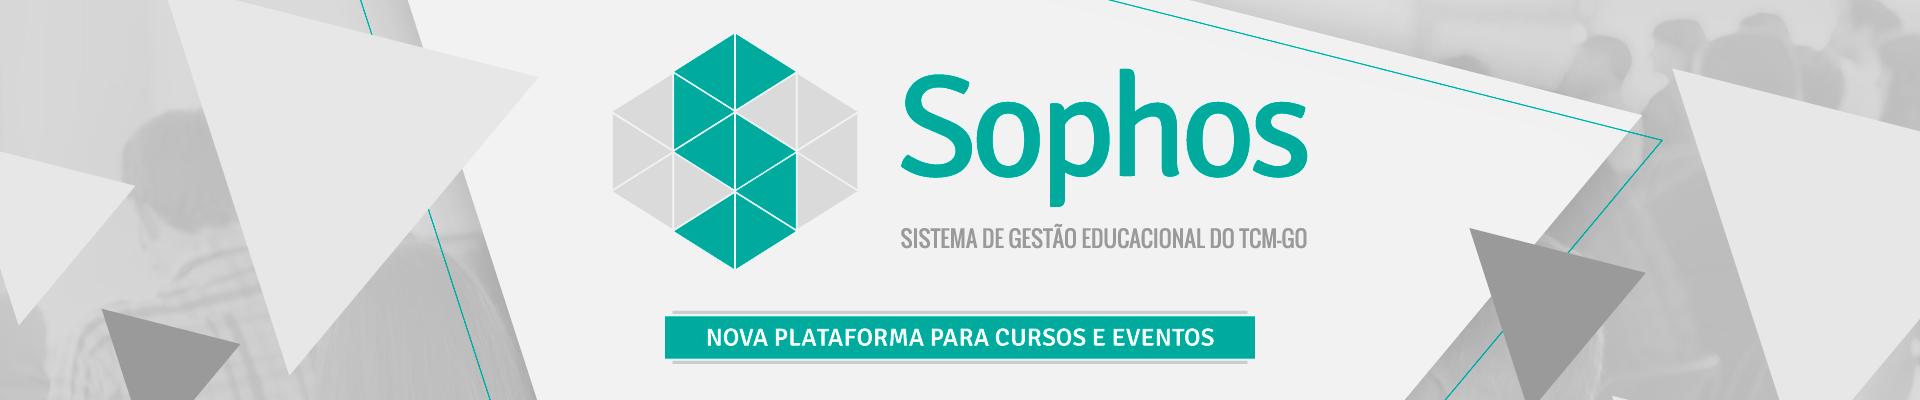 Sophos - Sistema de Gestão Educacional do Tribunal de Contas dos Municípios do Estado de Goiás